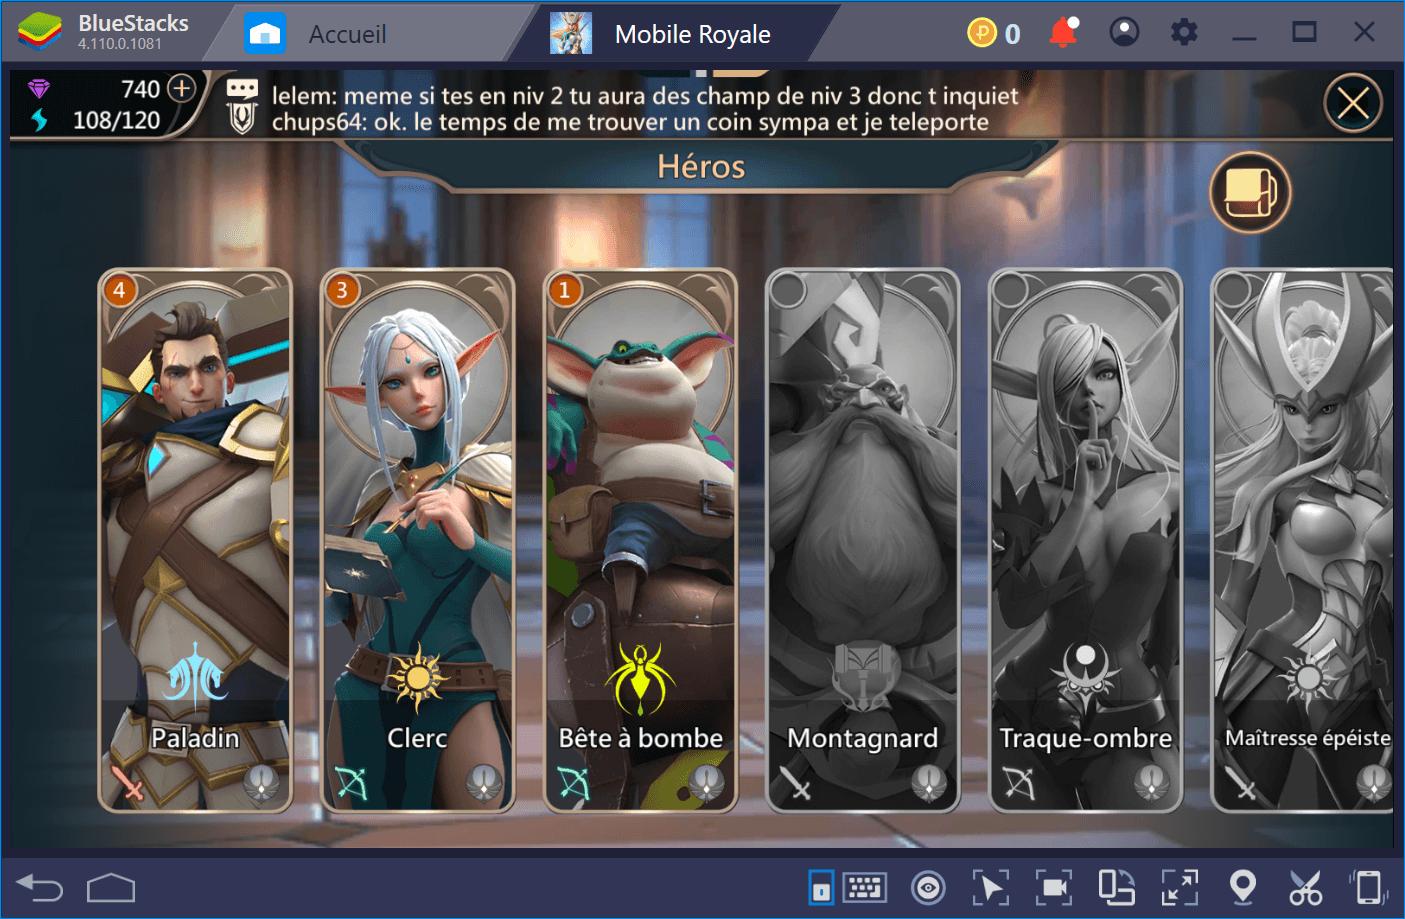 Guide sur les héros de Mobile Royale : Invocation et leveling